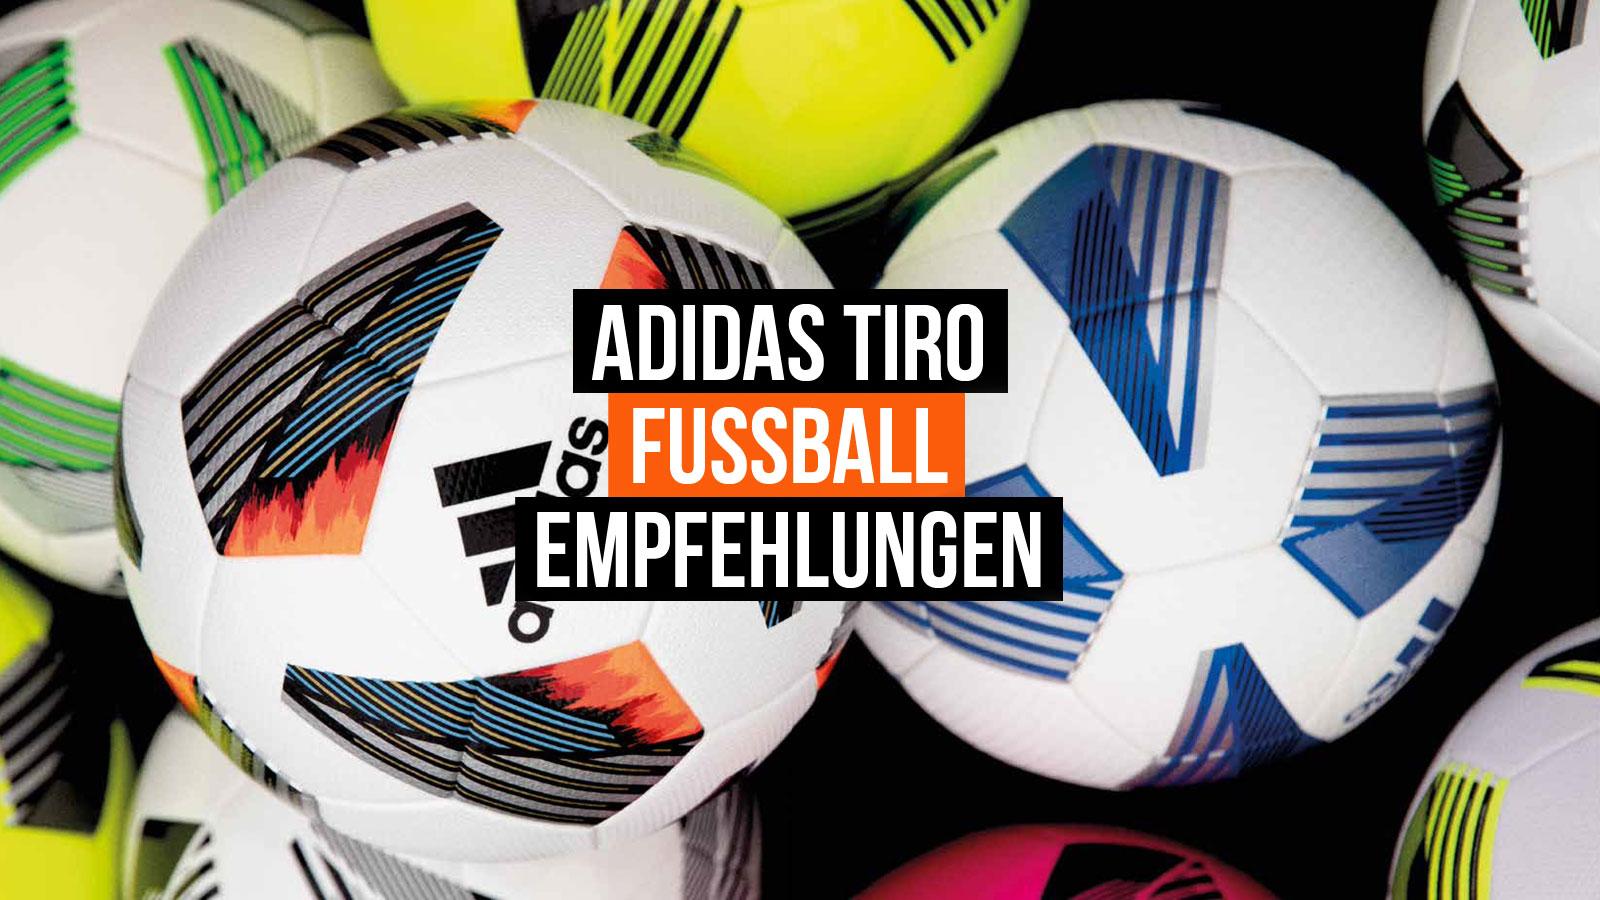 Die adidas Tiro Fußball Empfehlungen